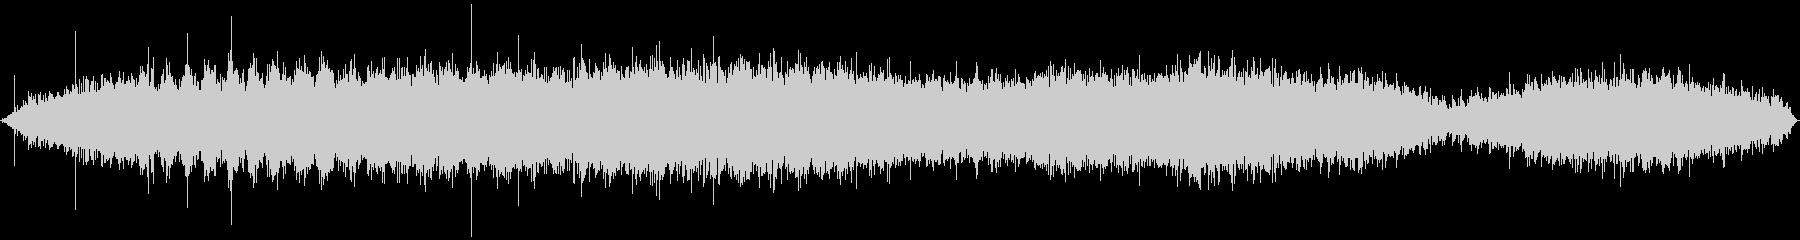 コードレスハンドドリル:ハードウッ...の未再生の波形